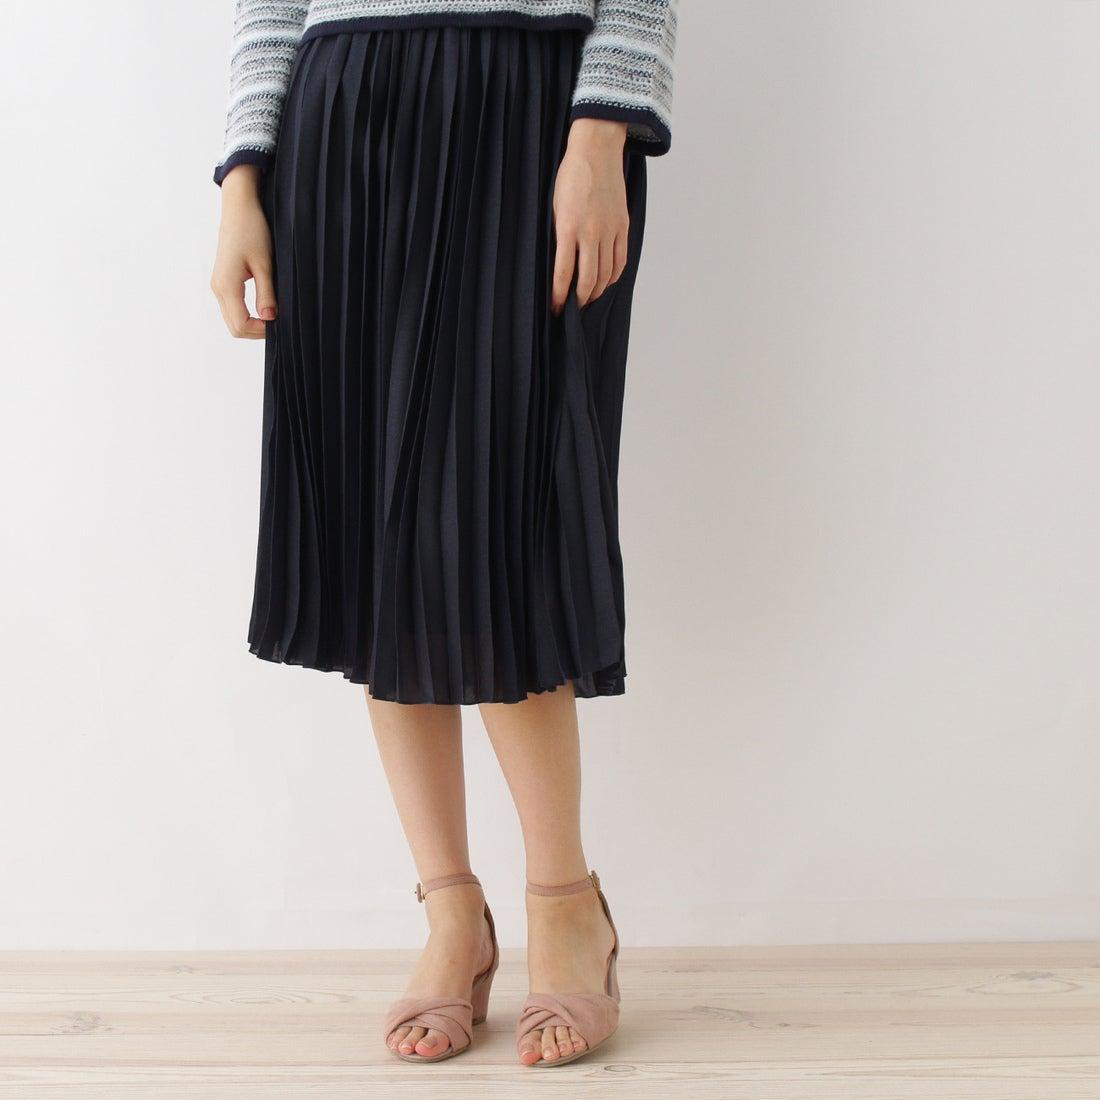 【SALE 73%OFF】クチュール ブローチ Couture brooch 【WEB限定プライス】デザインベルトプリーツスカート (ブルー系)